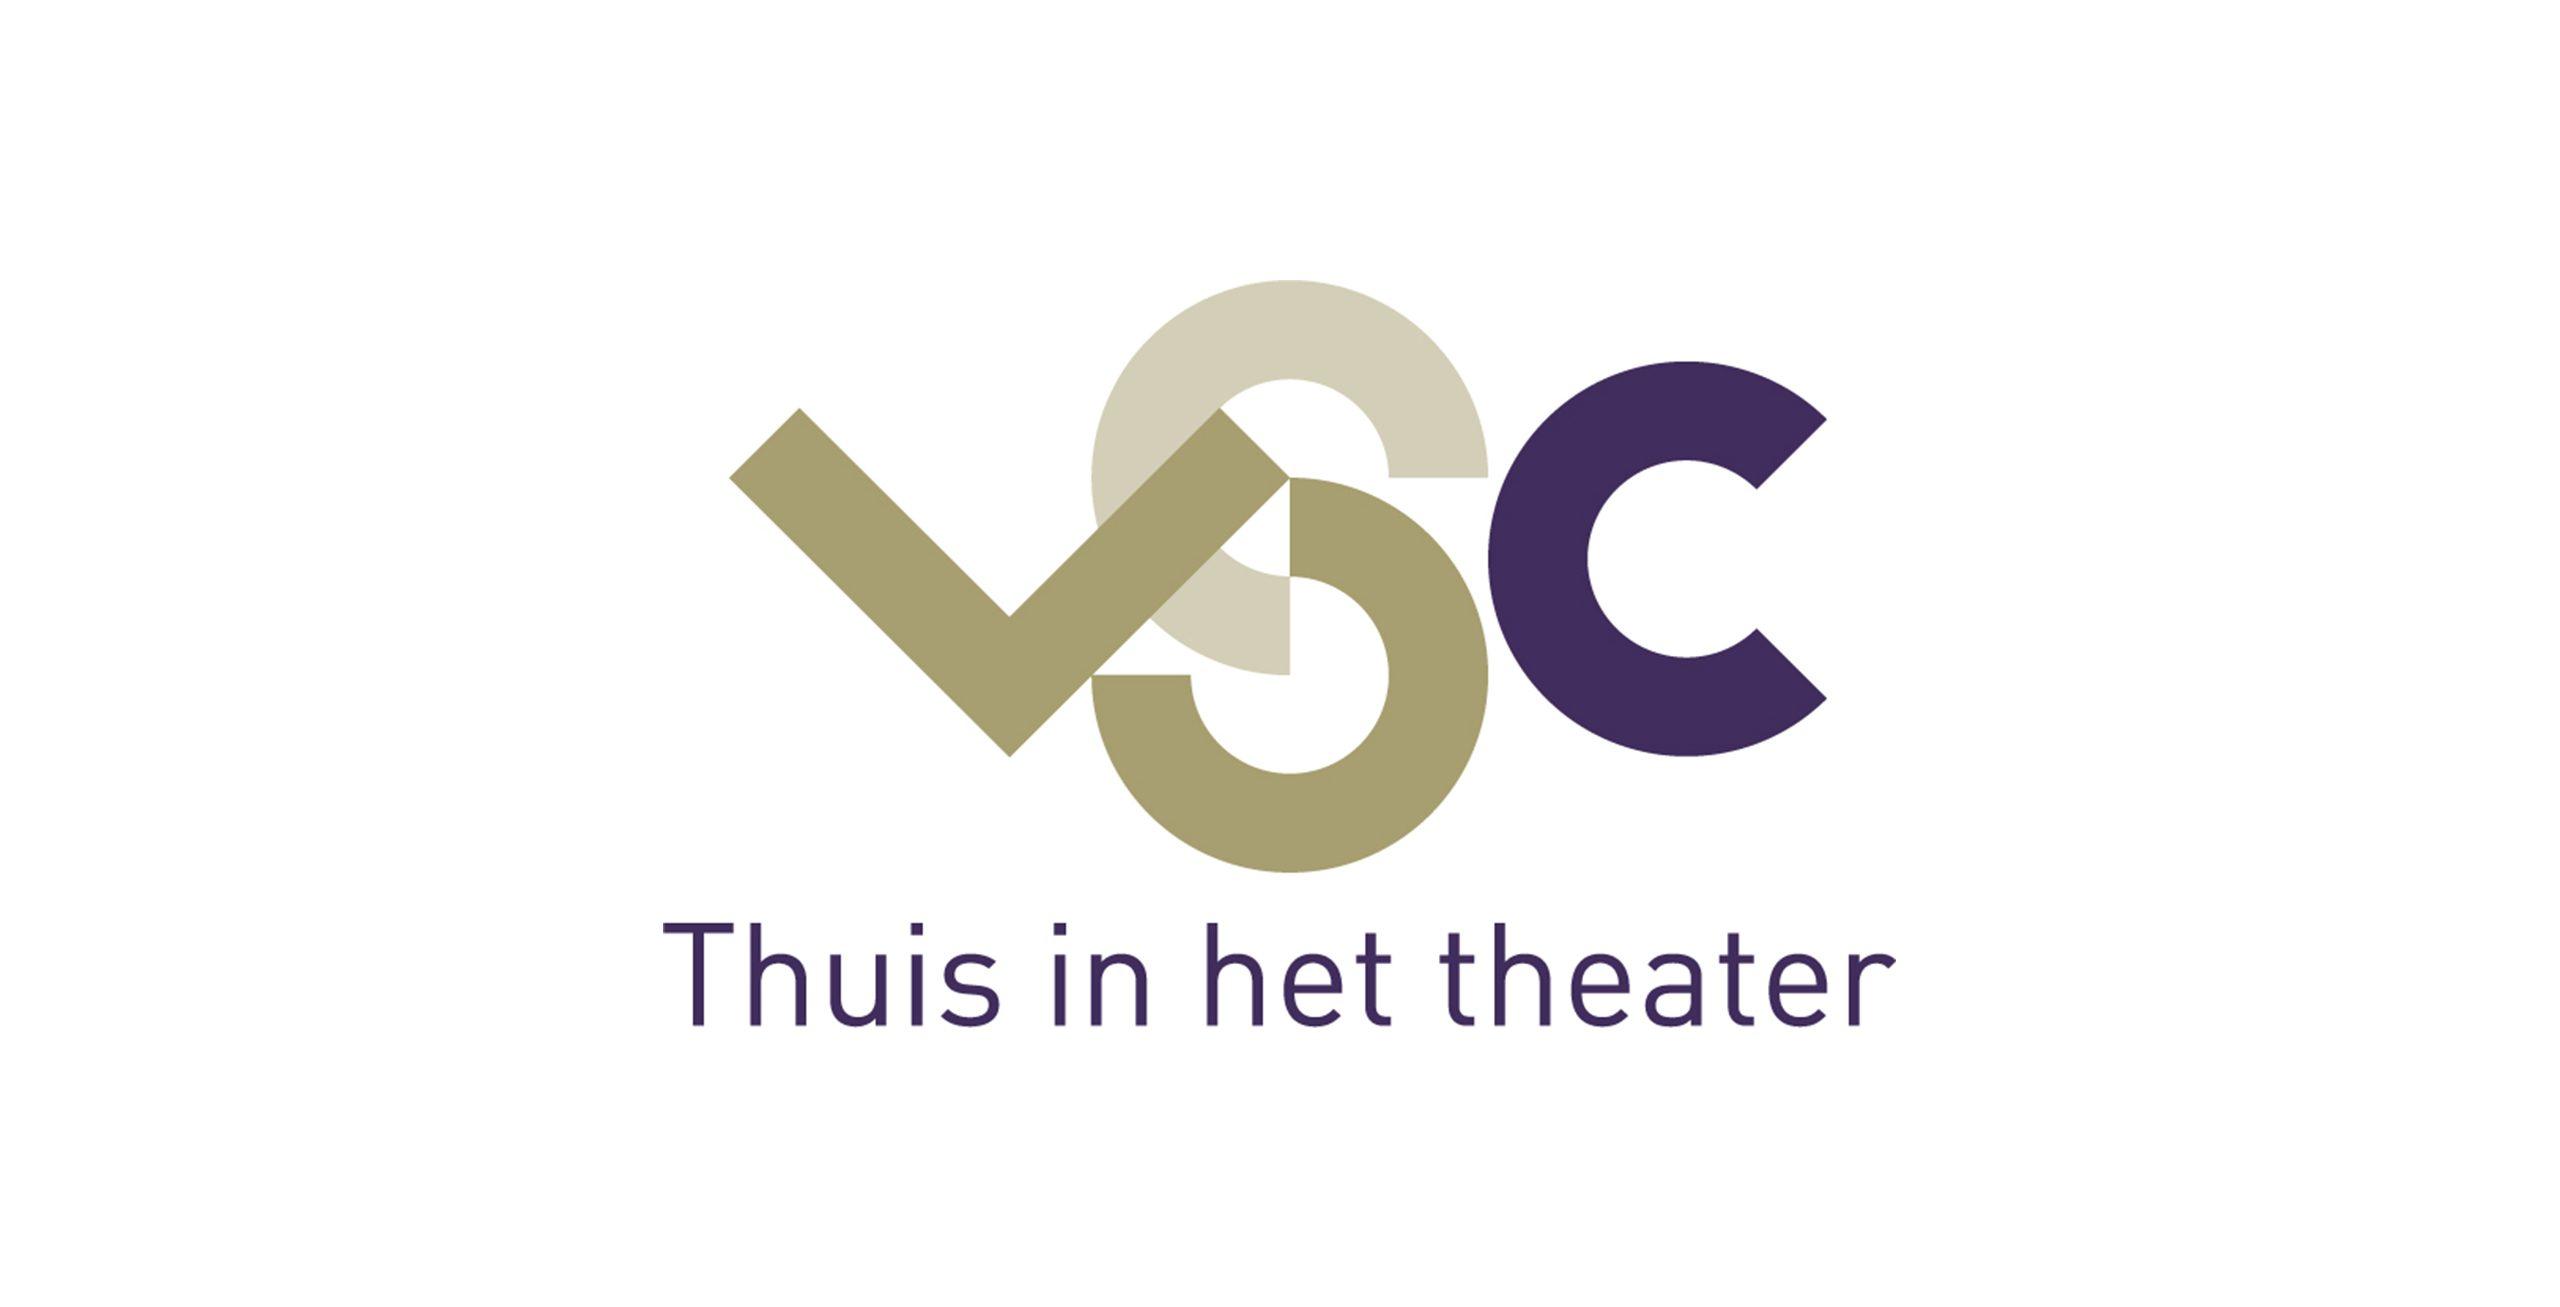 LR_VSC_logos-2560x1500